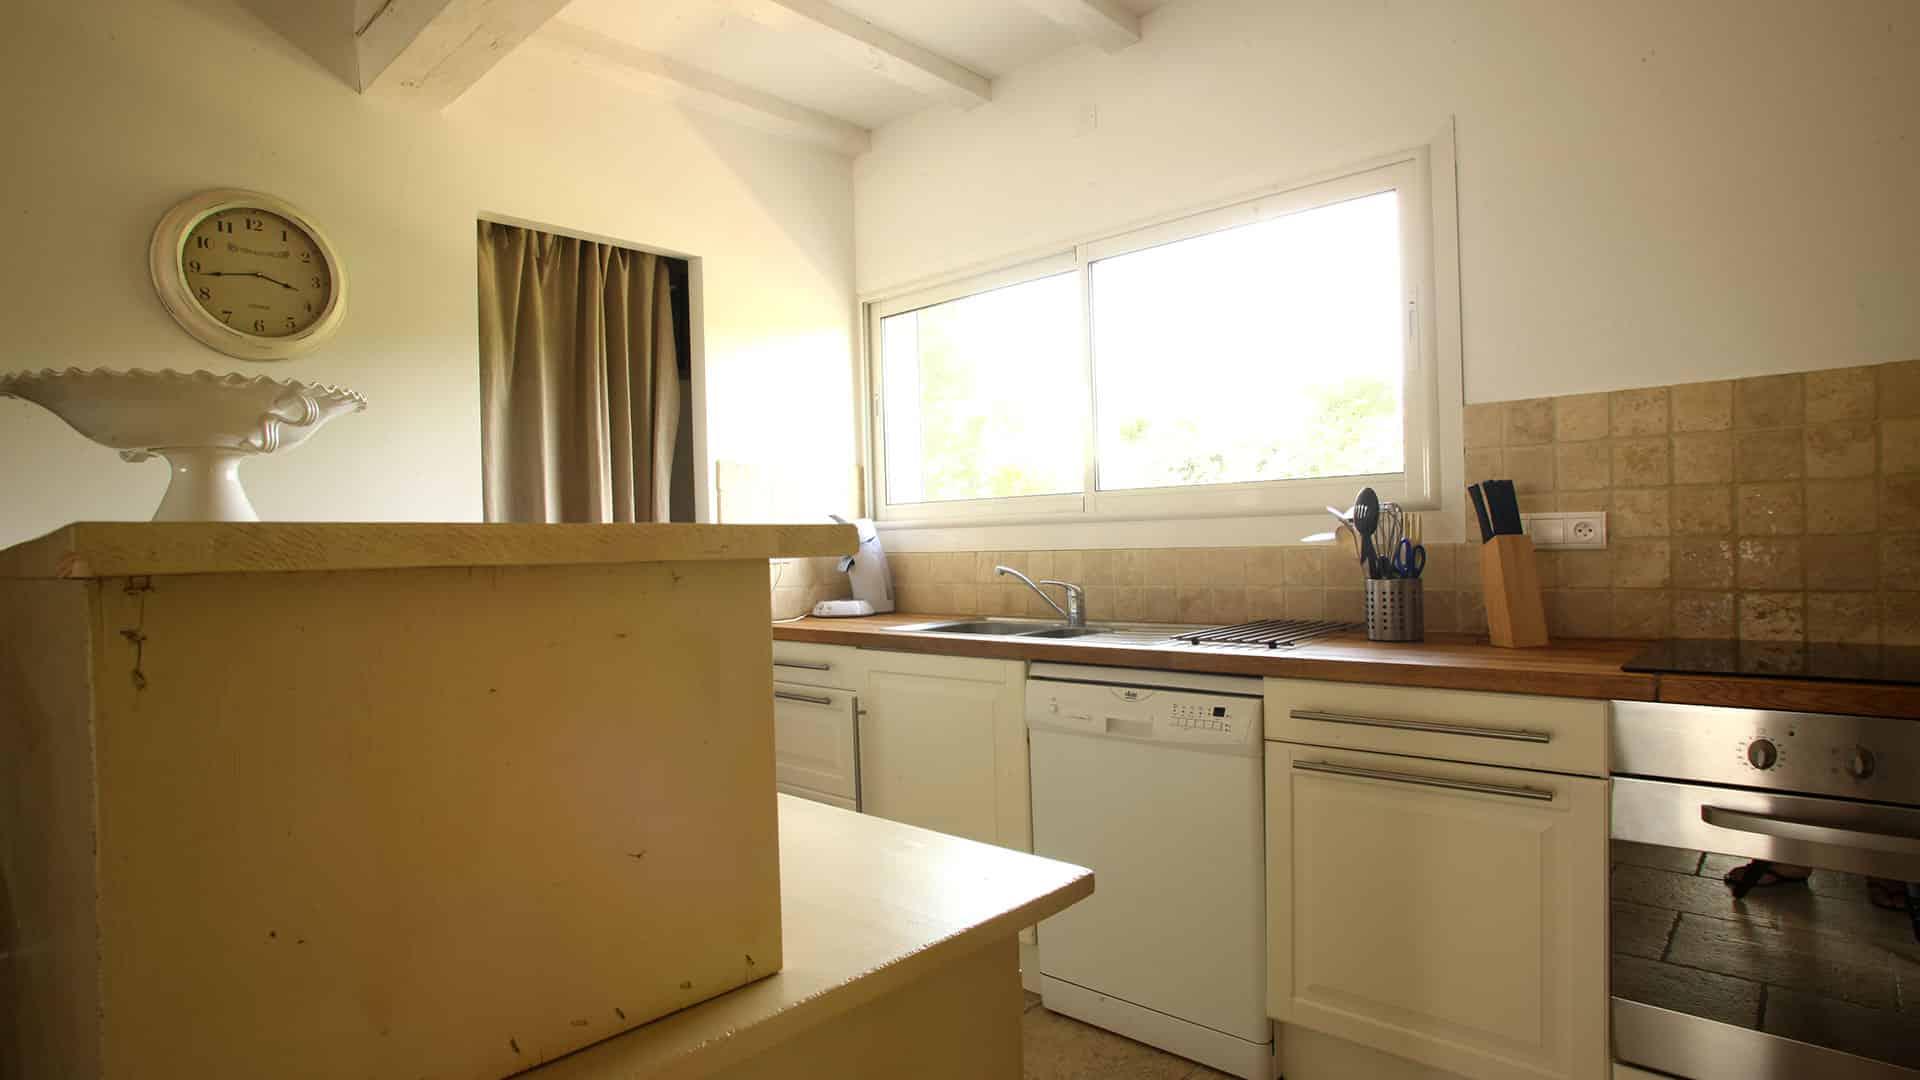 Maison de vacances à louer Provence | Villa les oliviers | Cuisine équipée